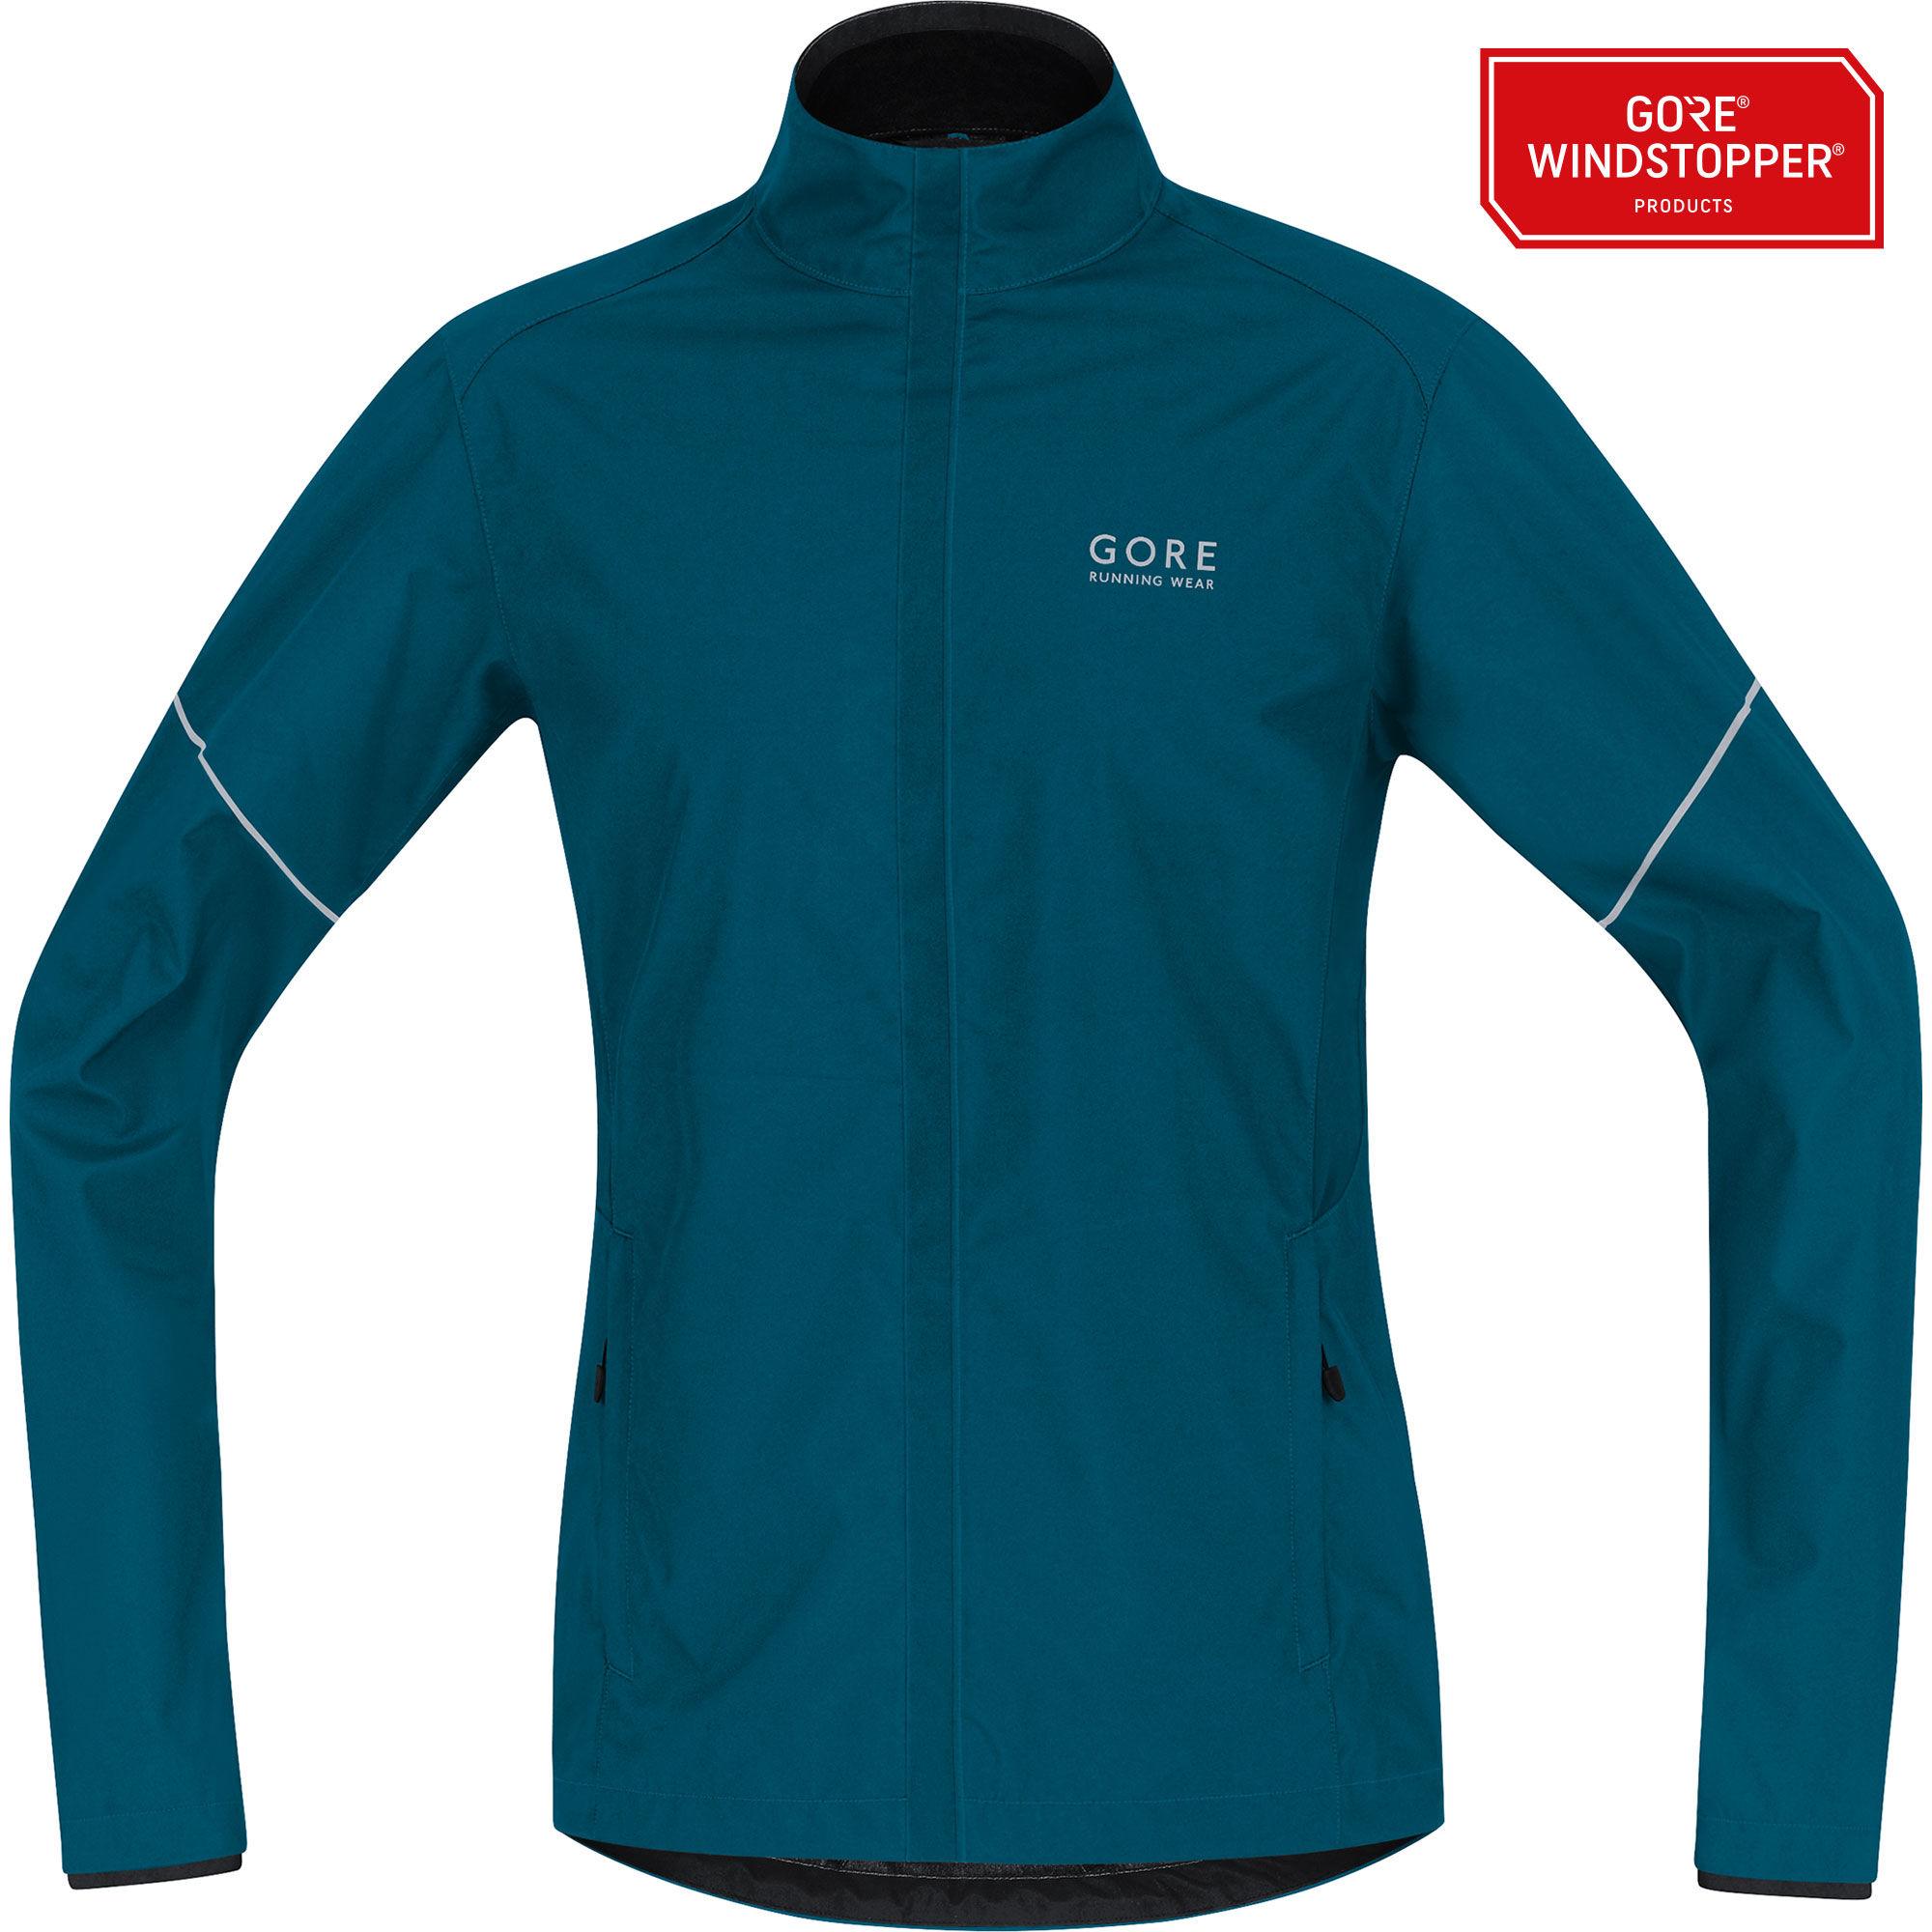 Gore Essential Partial Jacket in Blau